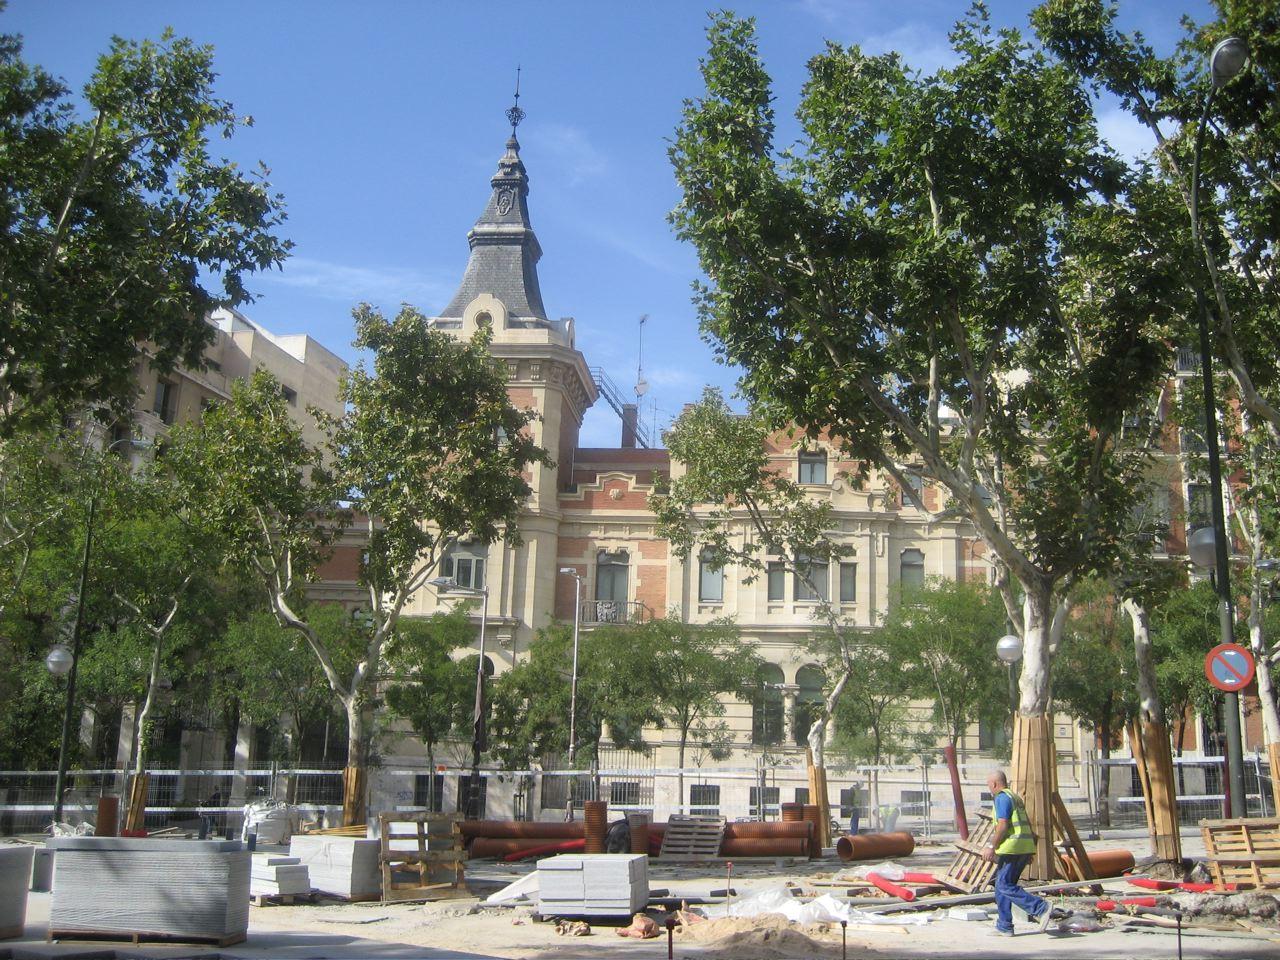 Obras en el centro de la plaza, al fondo el antiguo Palacio.